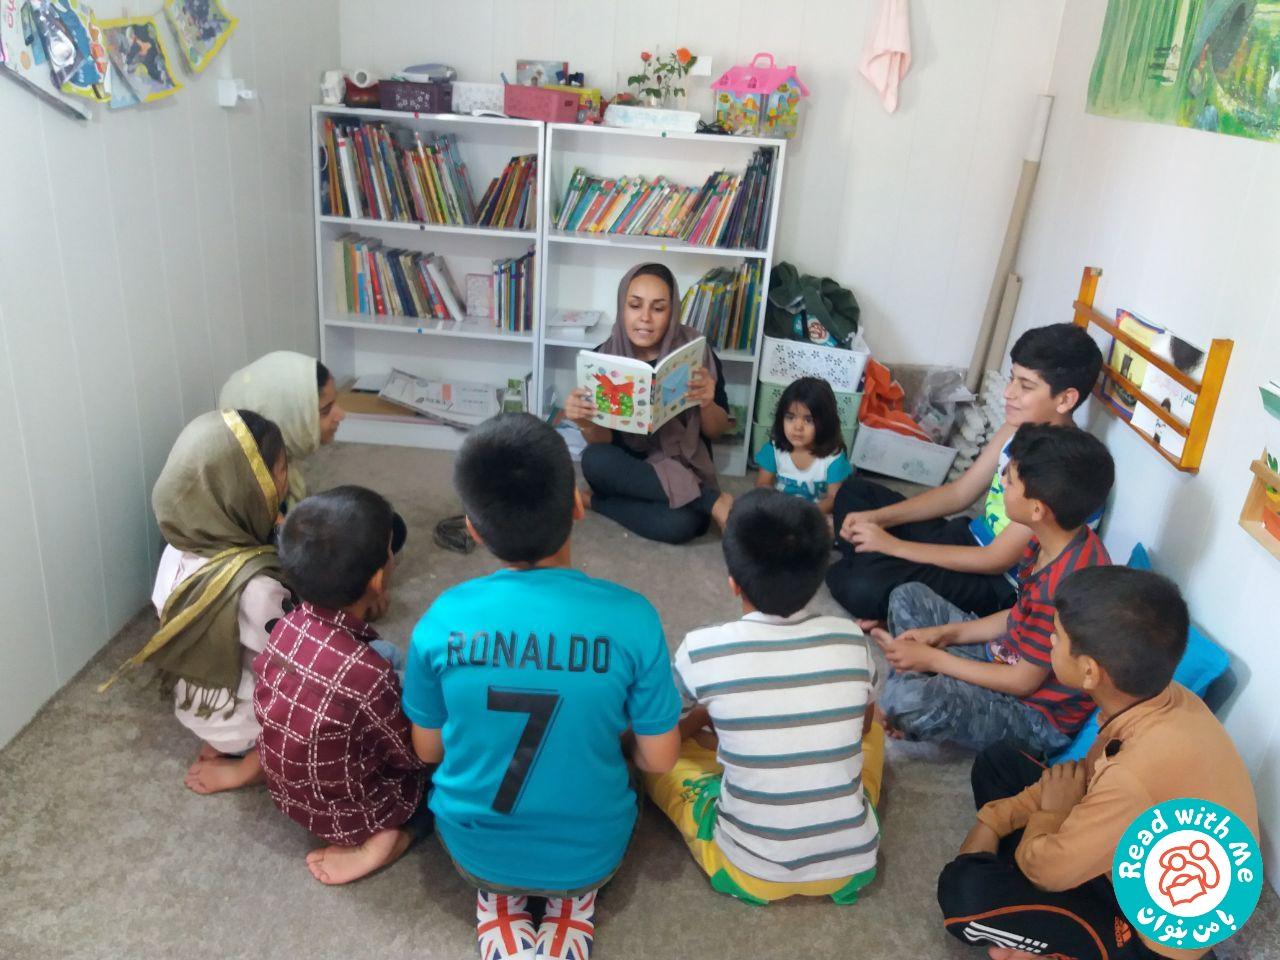 بلندخوانی کتاب واژهنامه چیستانی، سرپل ذهاب، خرداد 97